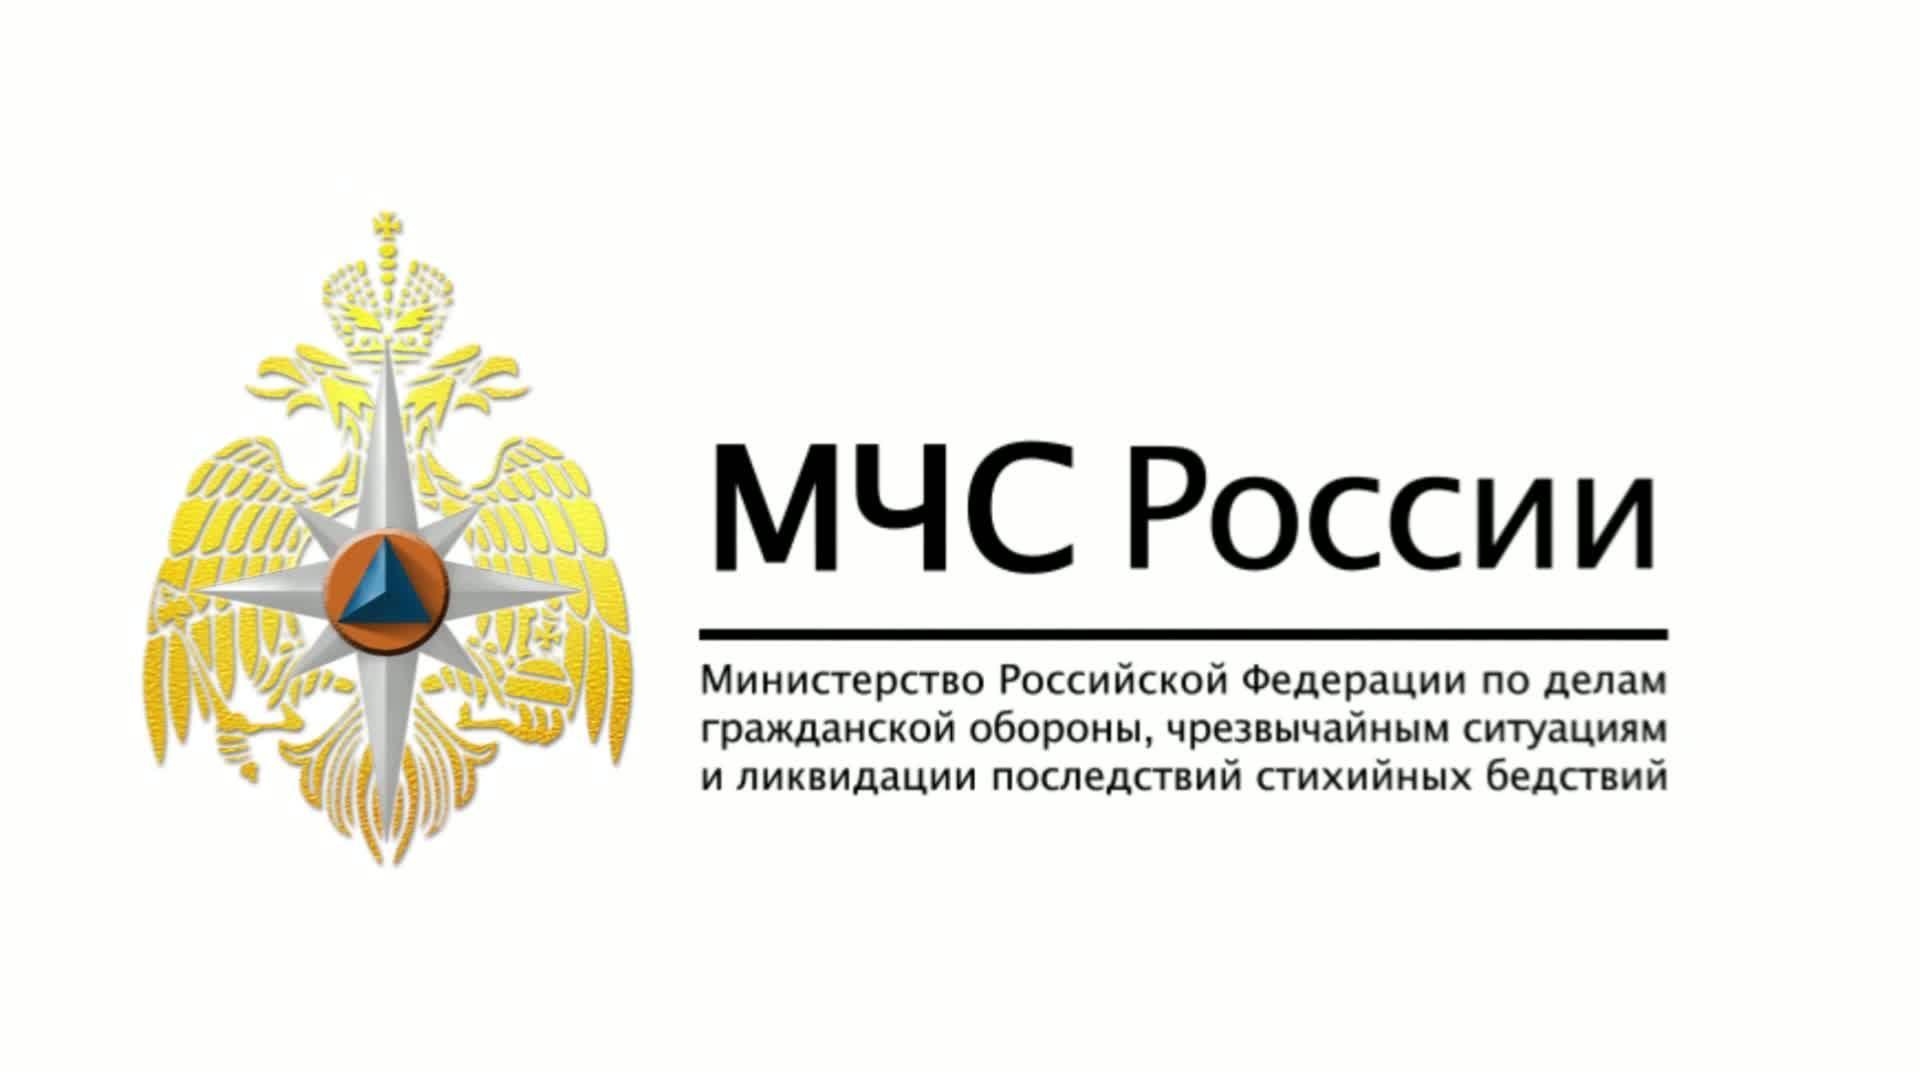 glavnoe upravlenie mchs